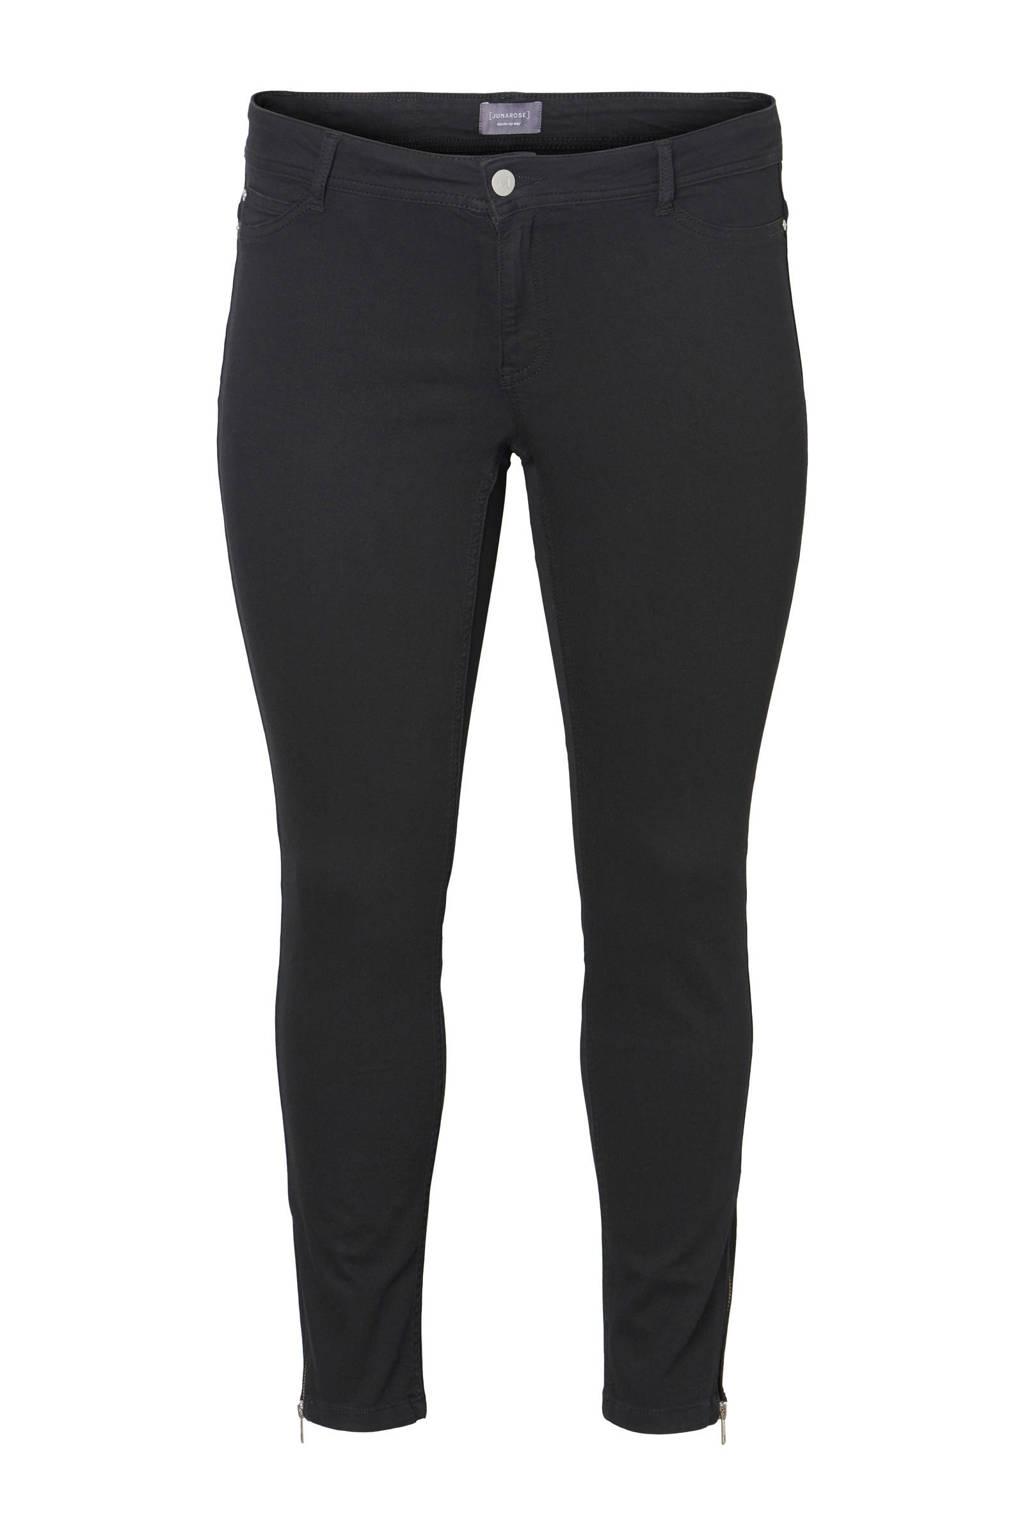 JUNAROSE jeans met rits, Zwart